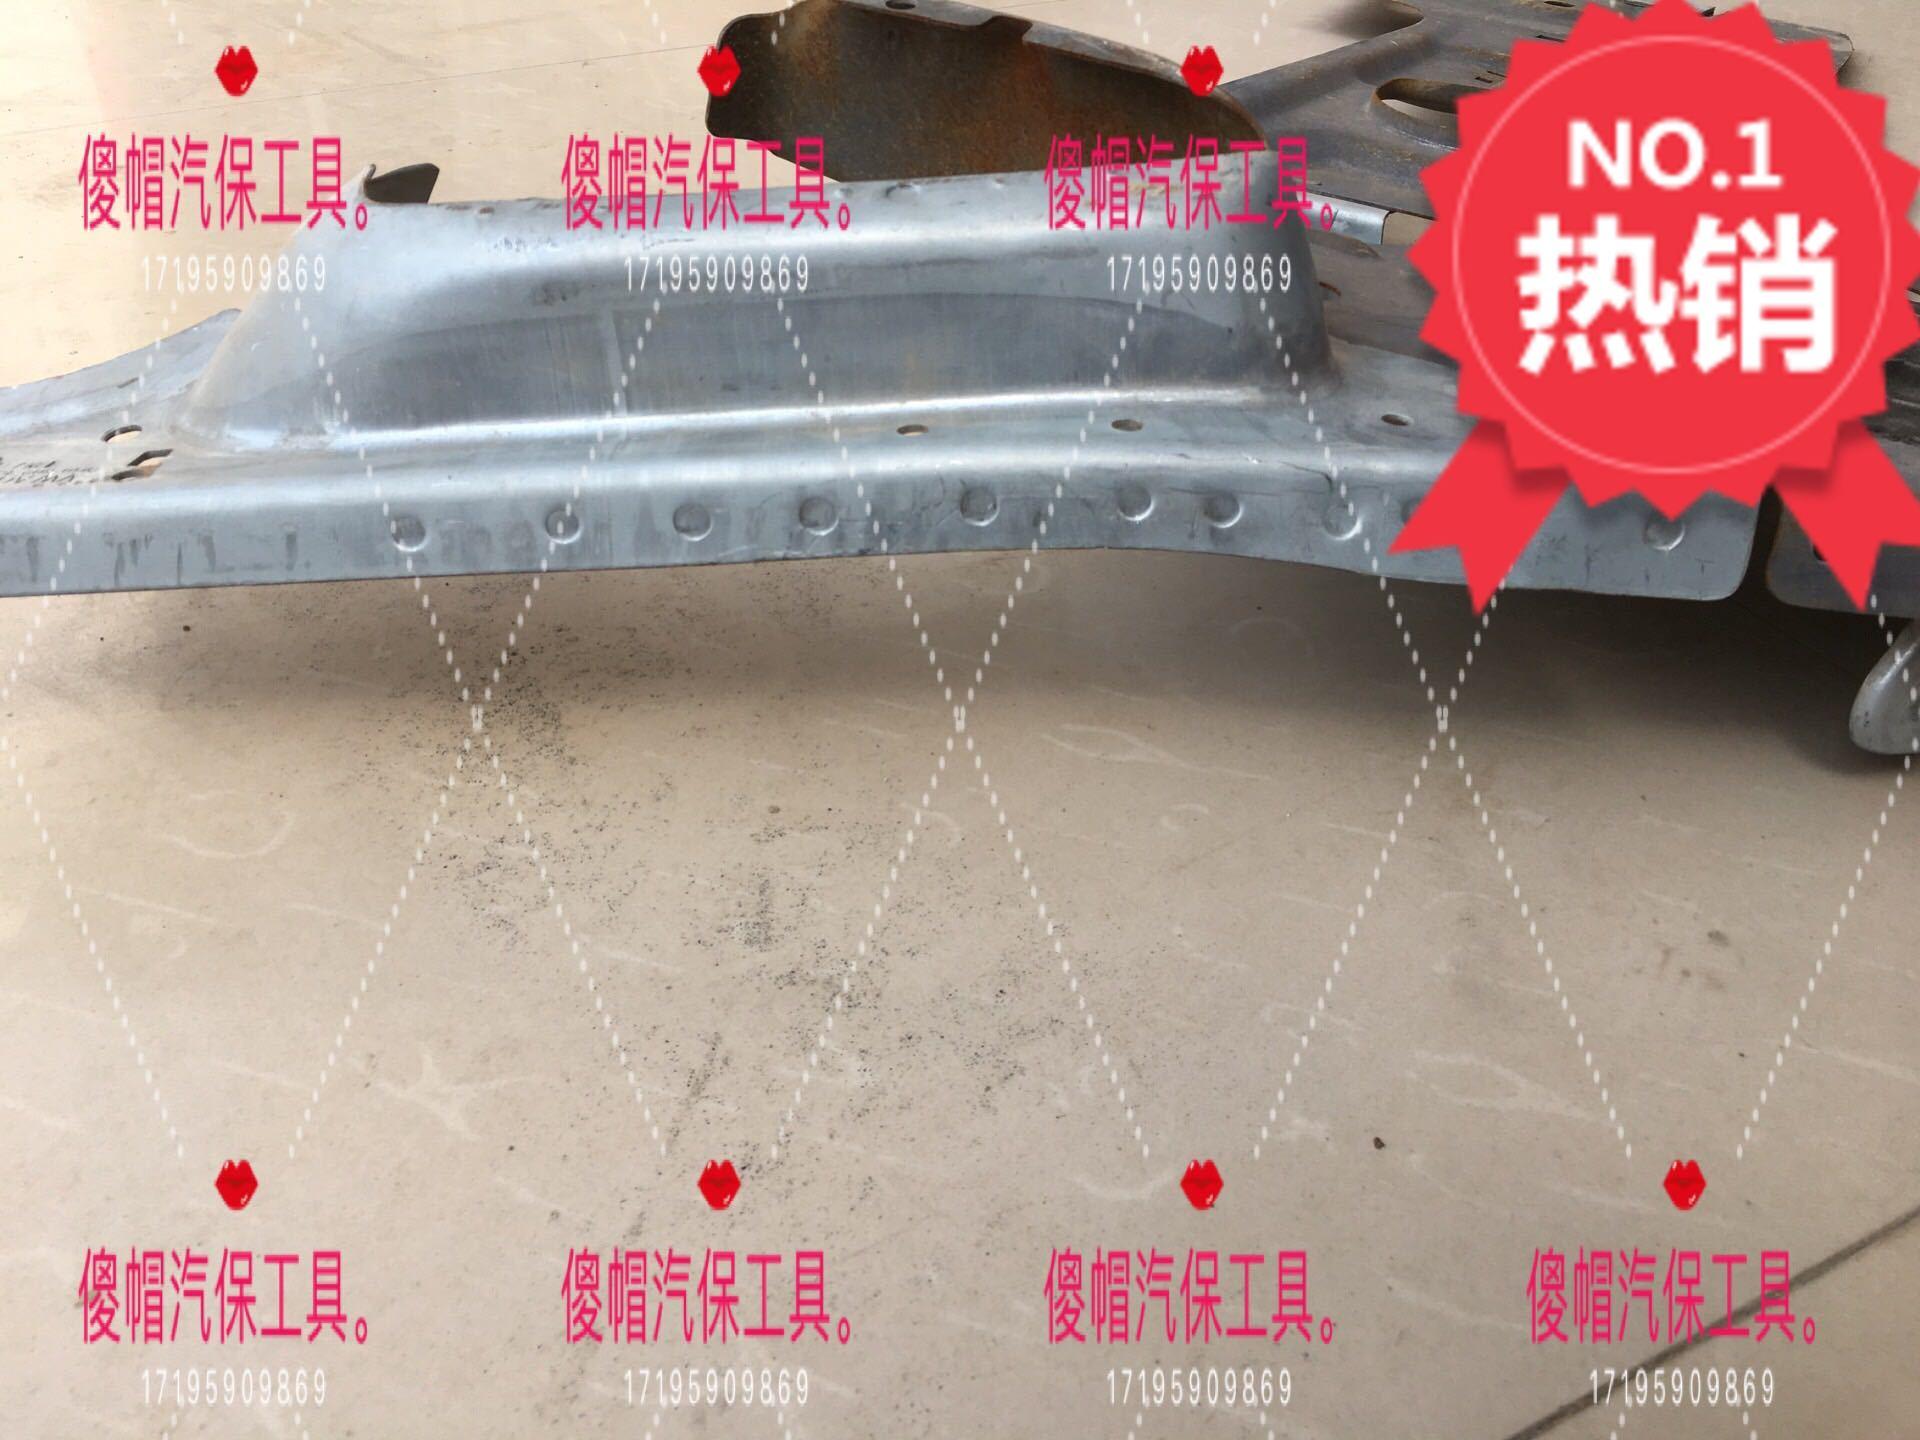 汽车钣金维修三代焊点做里口大梁焊锚点铆钉凸起卯点工具焊点工具